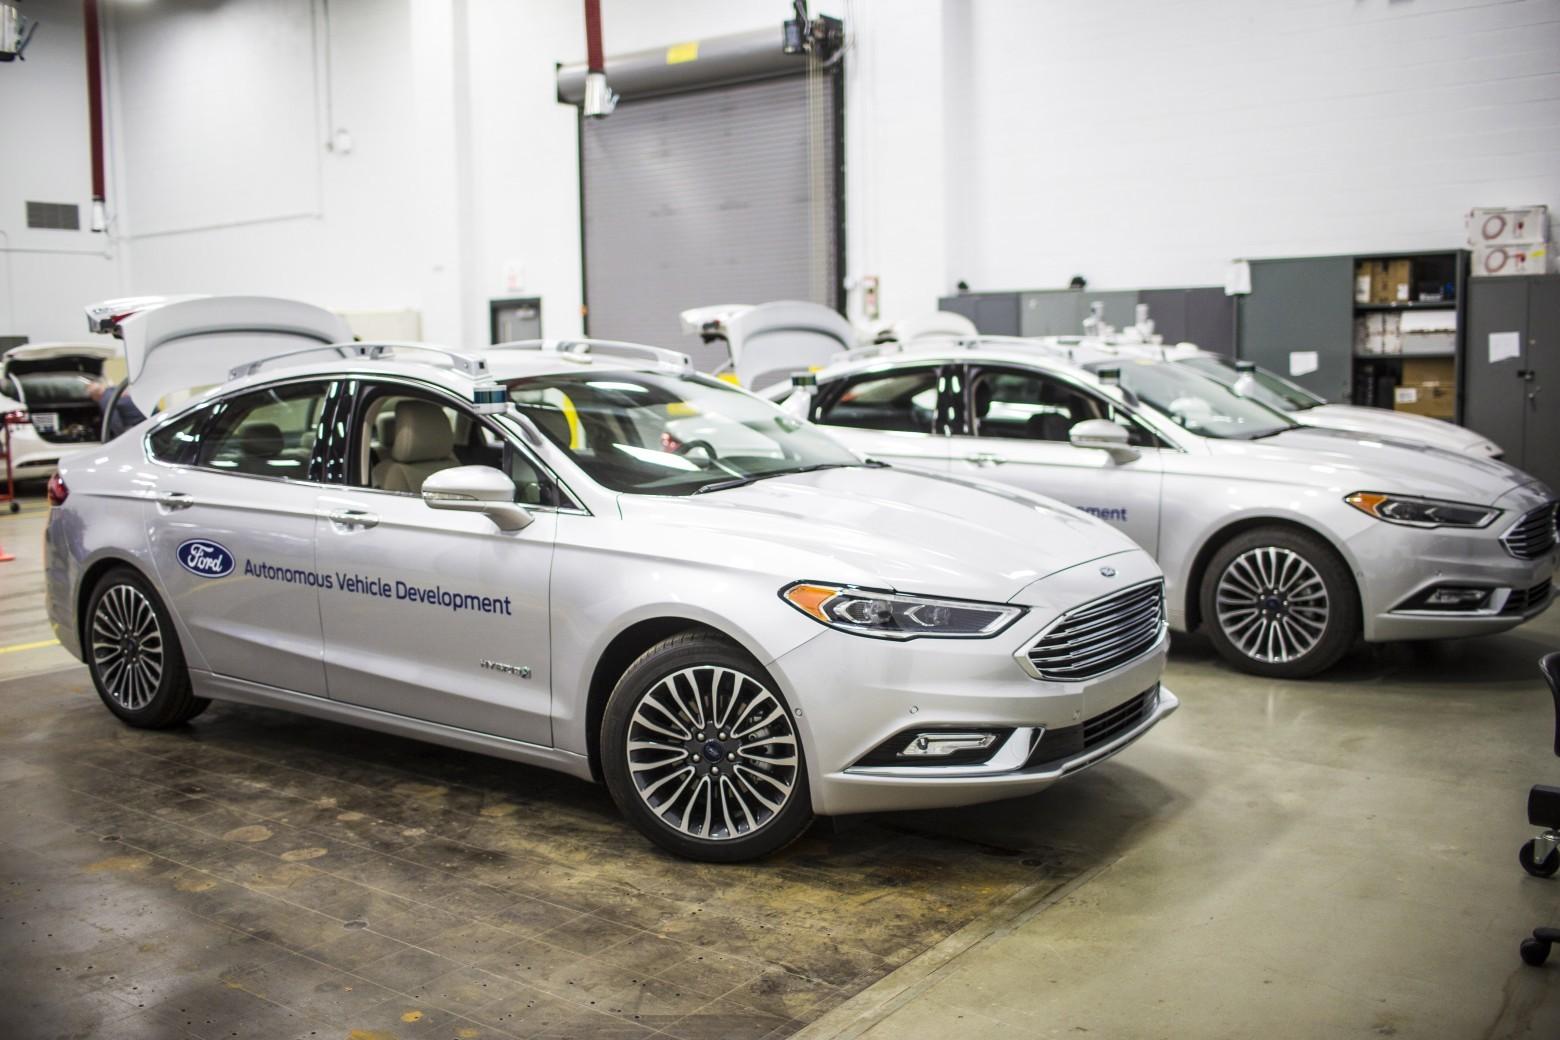 Новые беспилотники Ford копируют человеческое вождение - 3